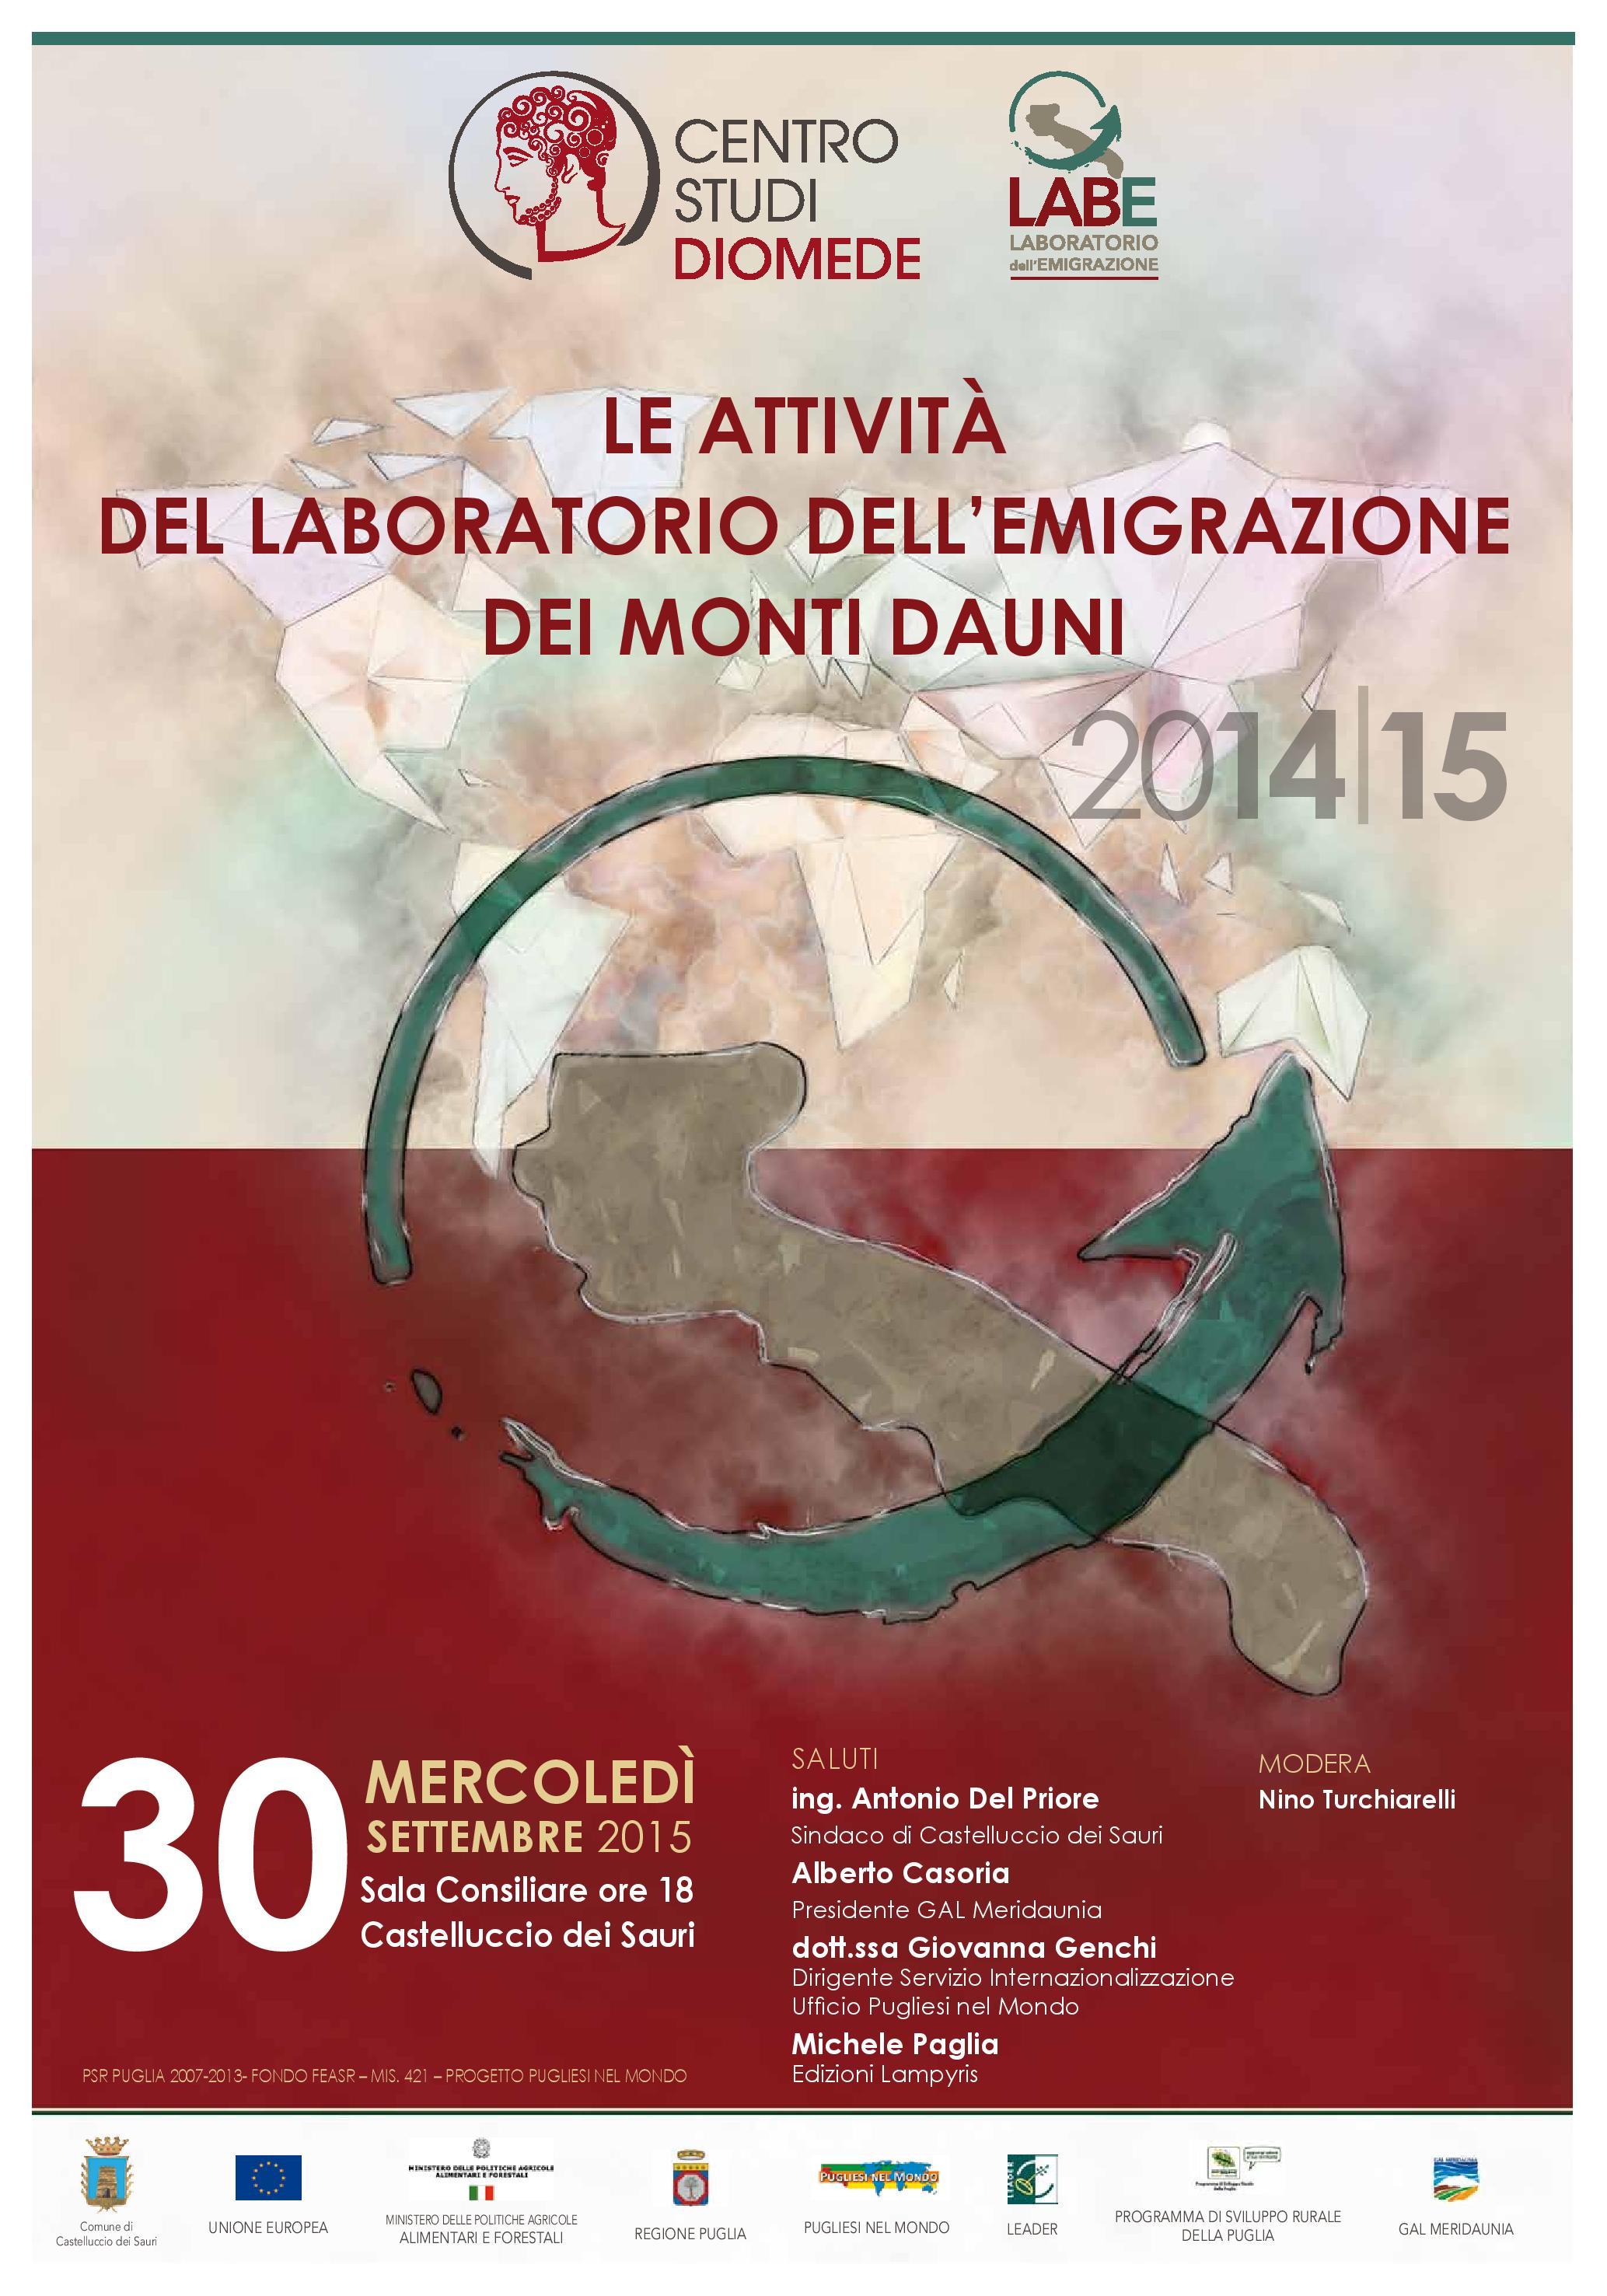 Bilancio delle attività del Laboratorio dell'Emigrazione dei Monti Dauni